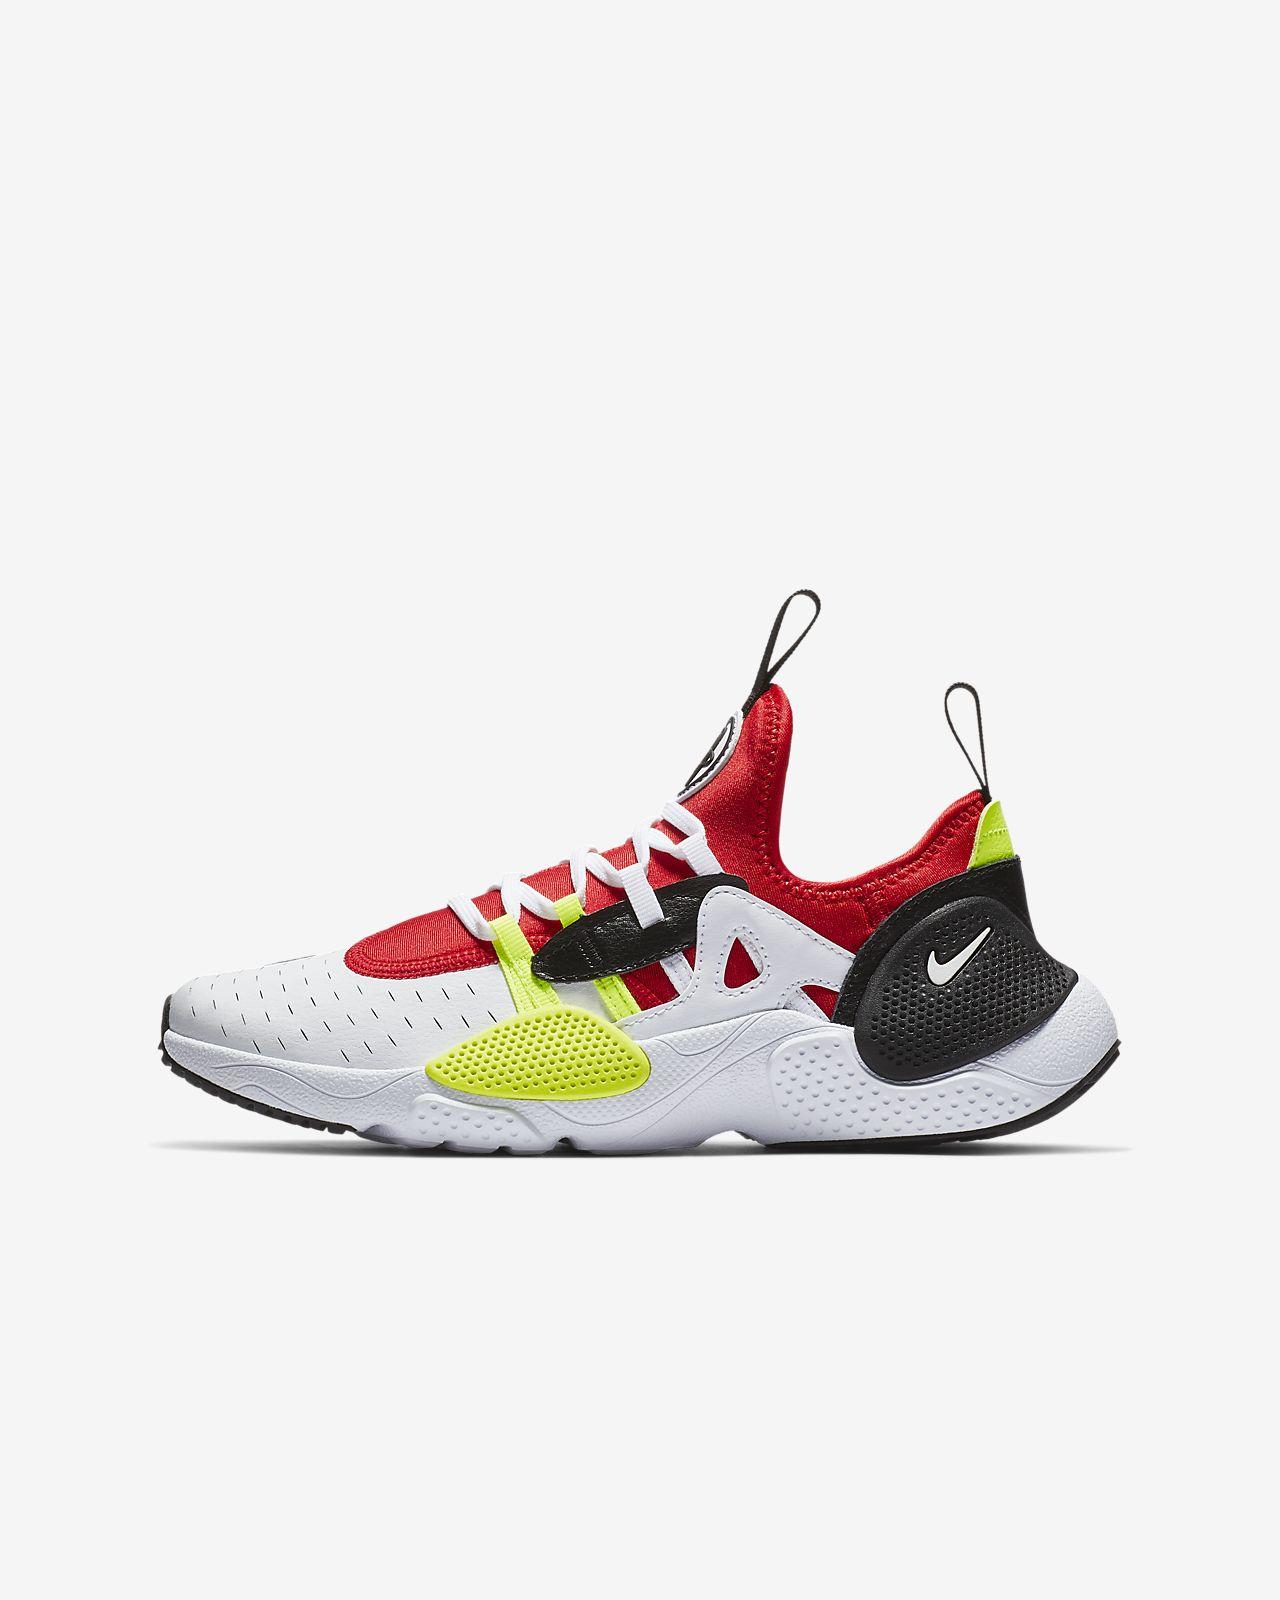 b4878276ce Nike Huarache E.D.G.E Big Kids' Shoe. Nike.com